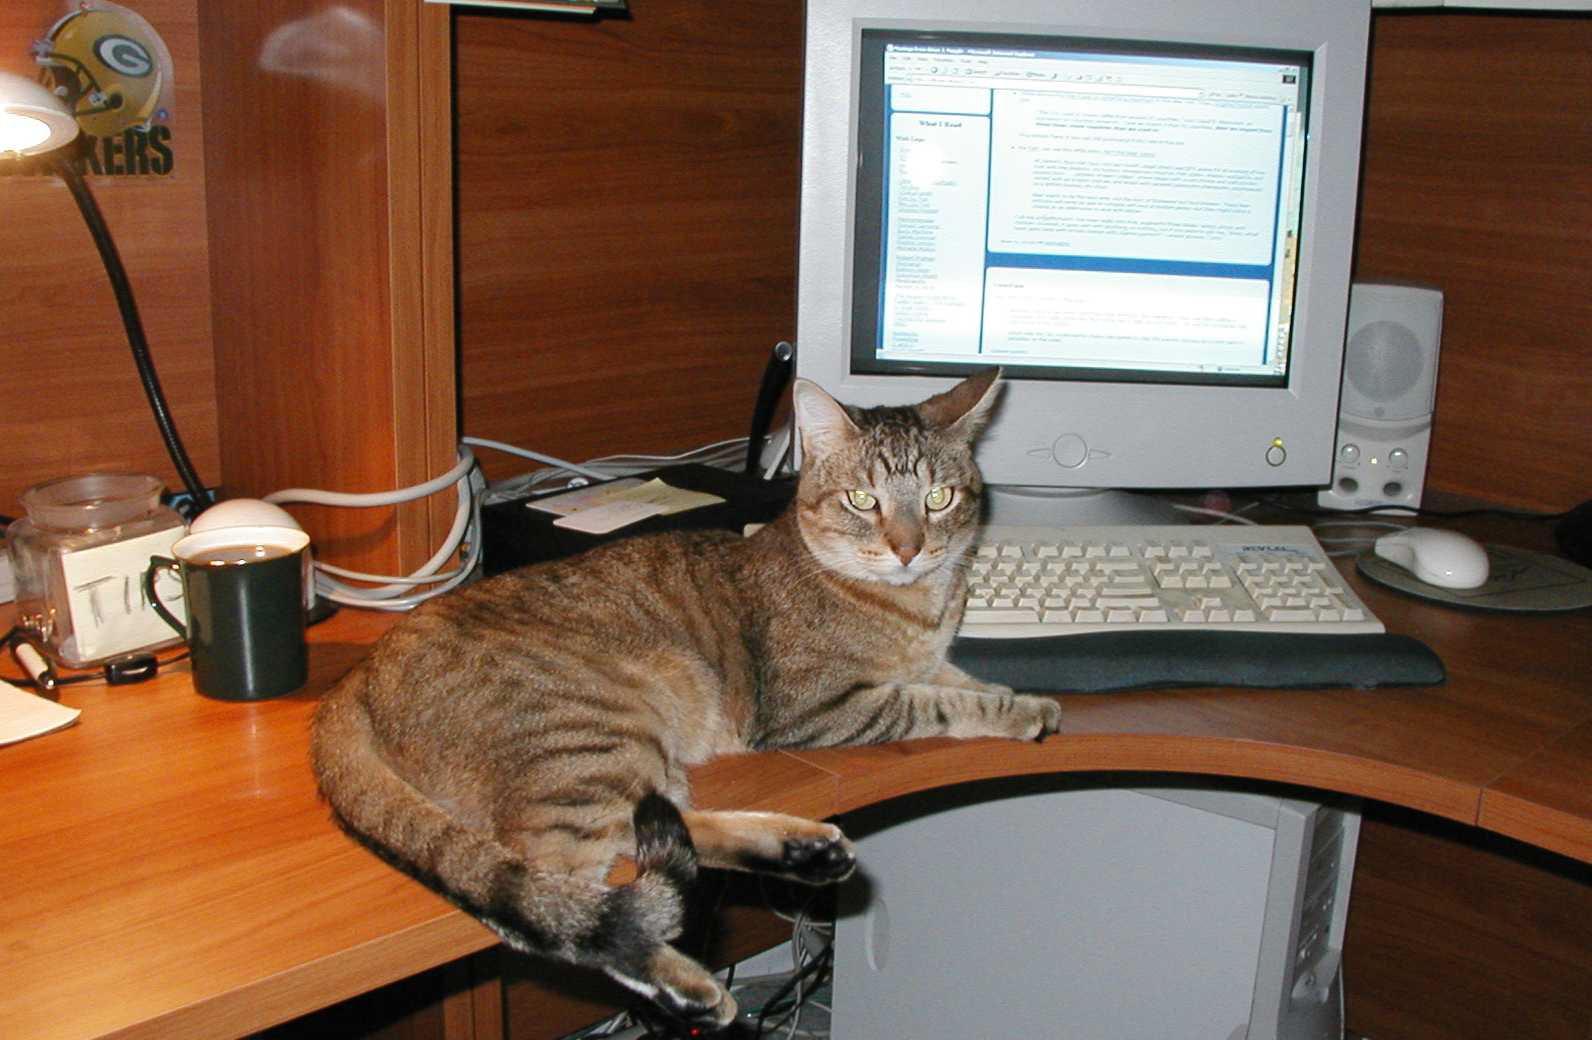 Ajax, the office cat